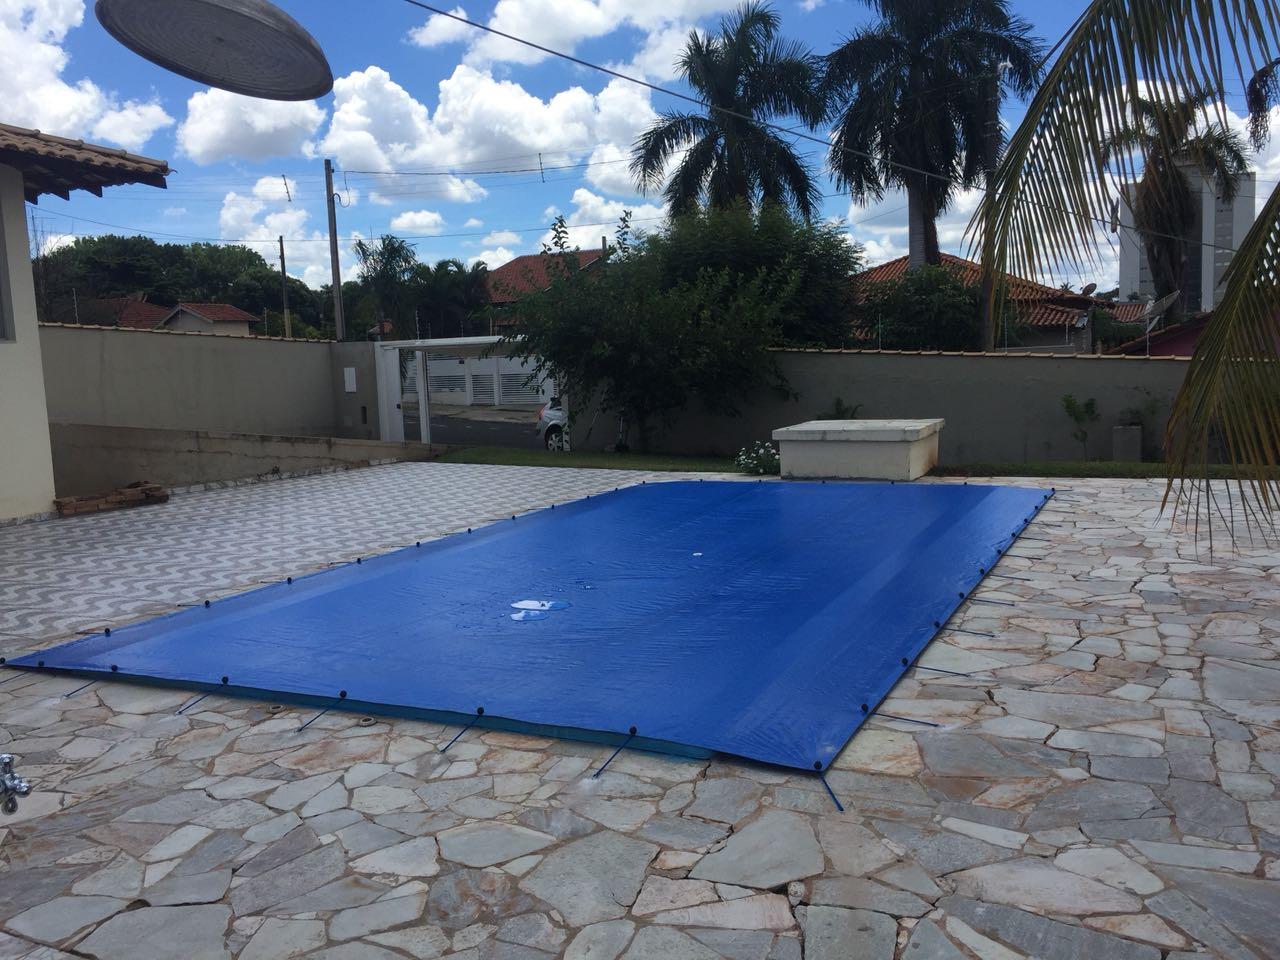 Capa para Piscina Proteção Azul 300 Micras - 9,5x5